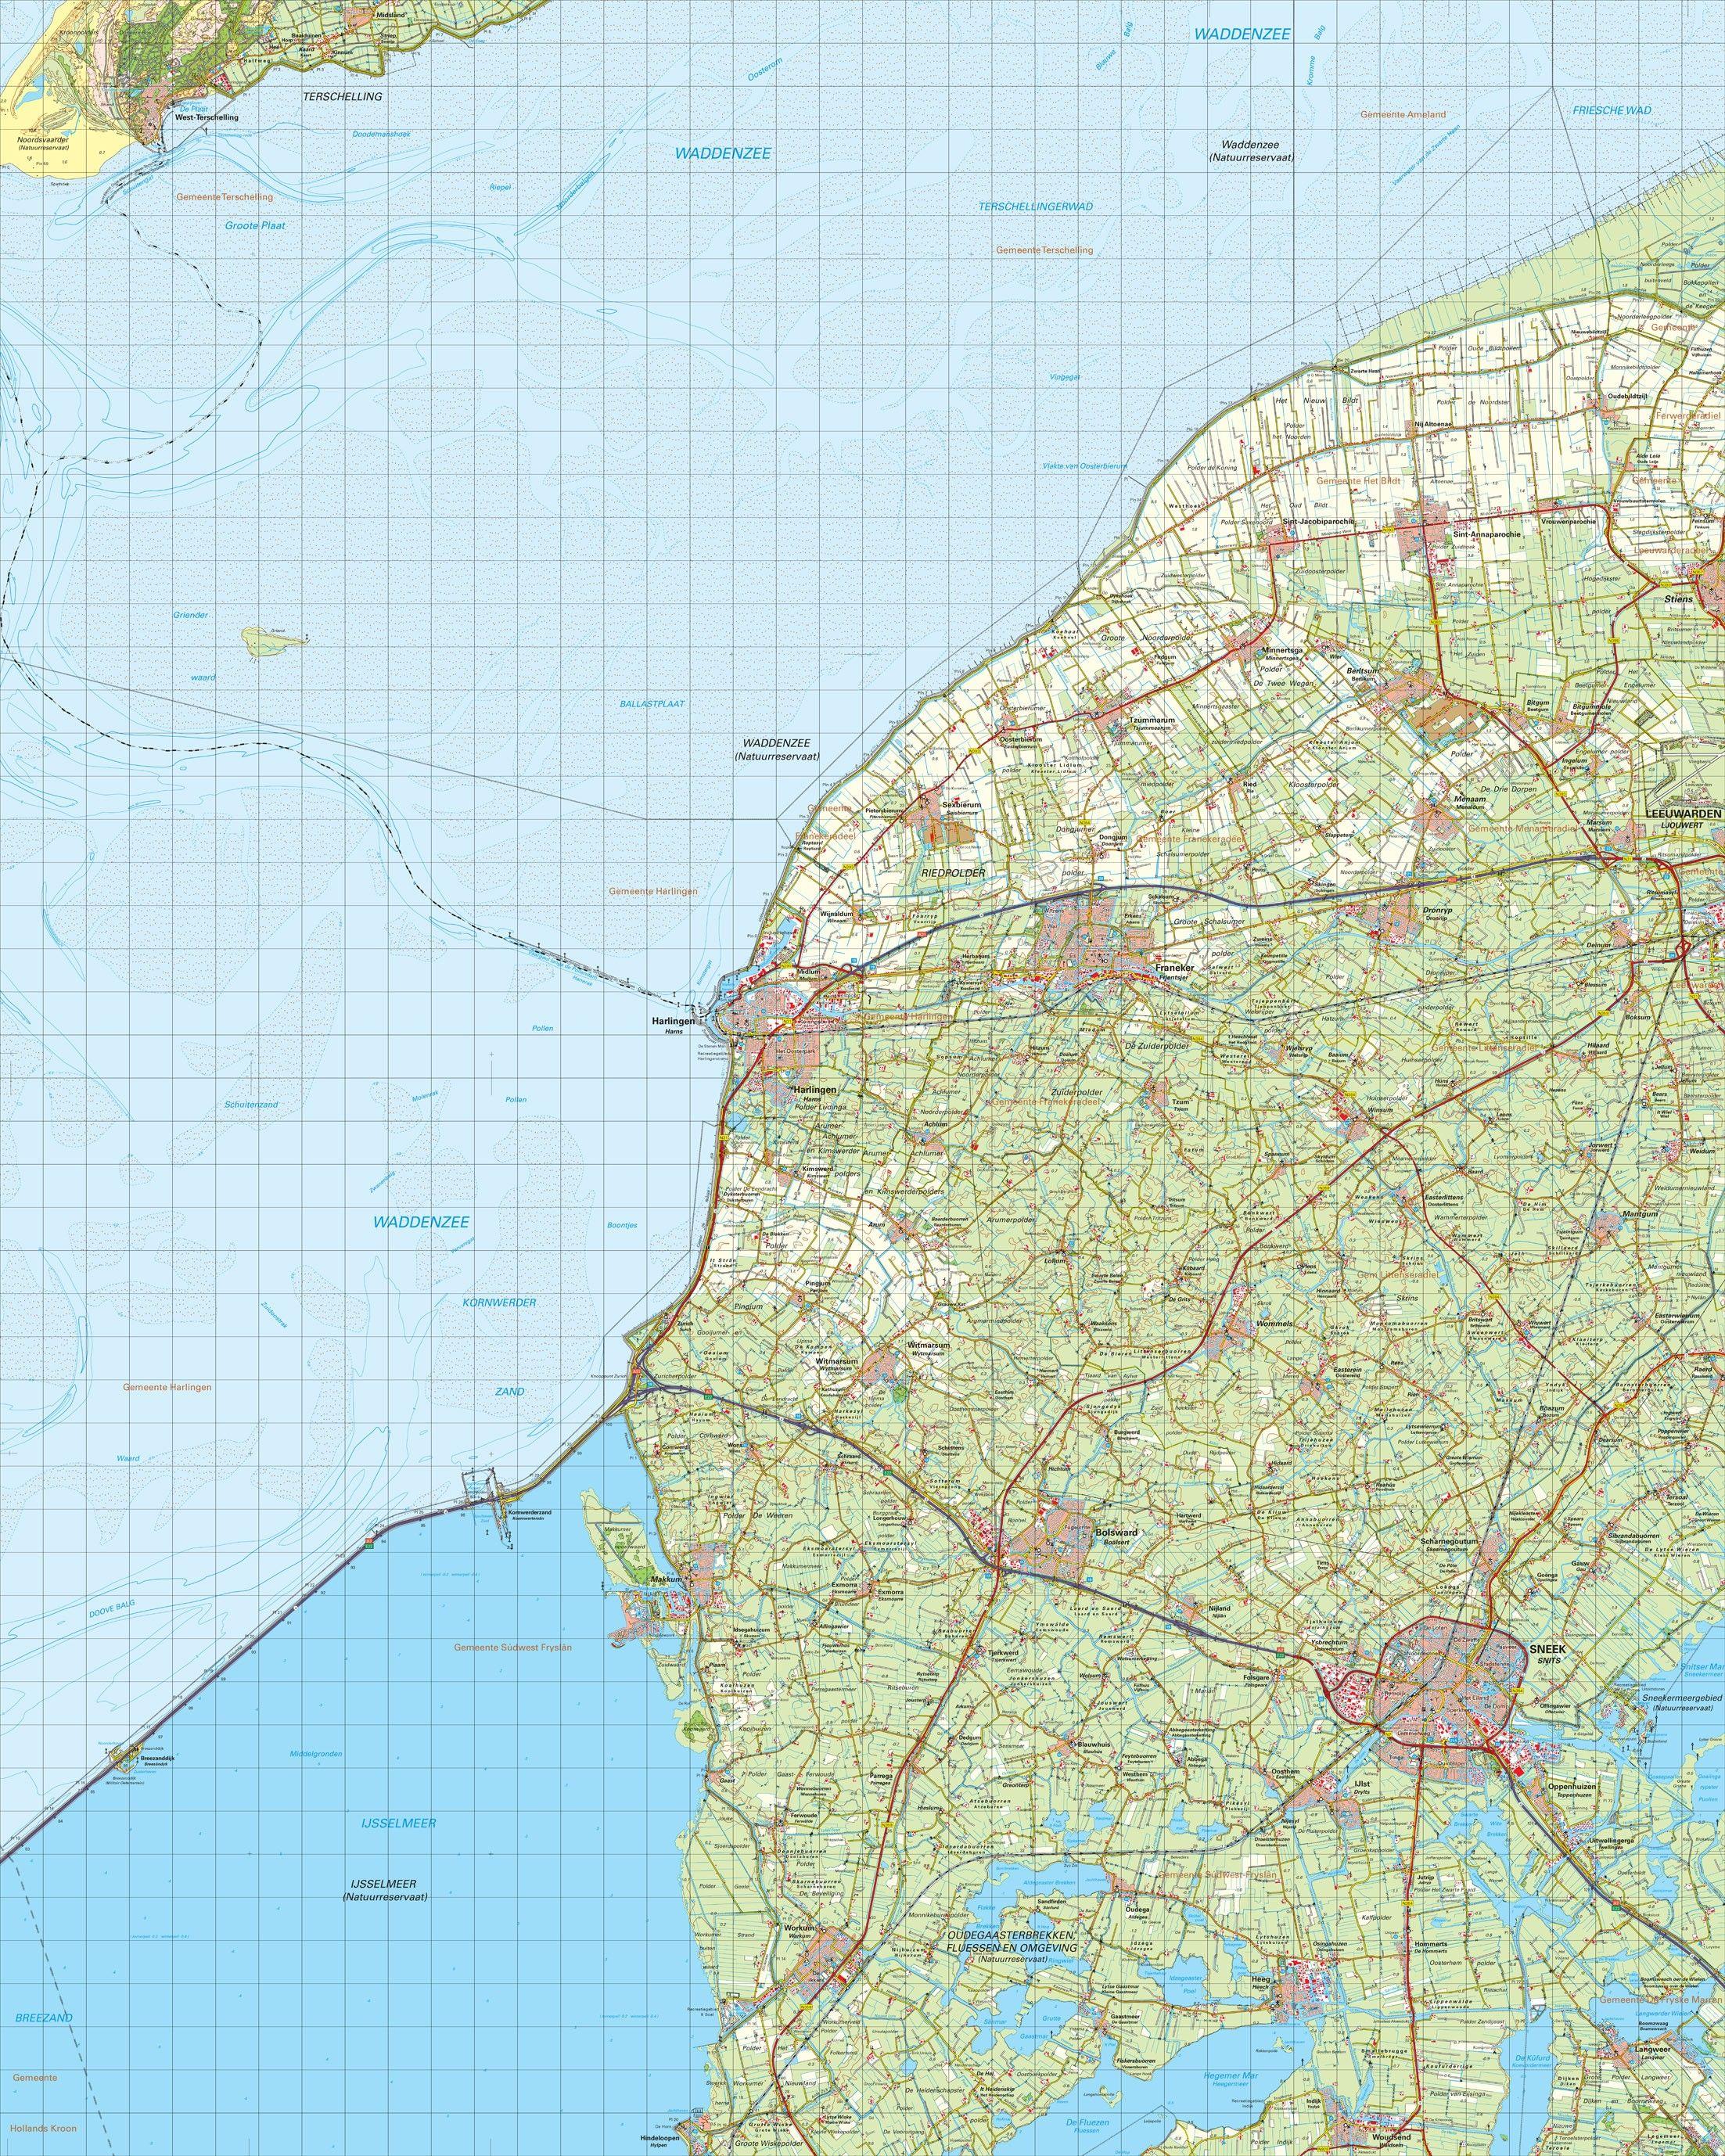 Topografische kaart schaal 1:50.000 (Harlingen, Bolsward, Sneek)